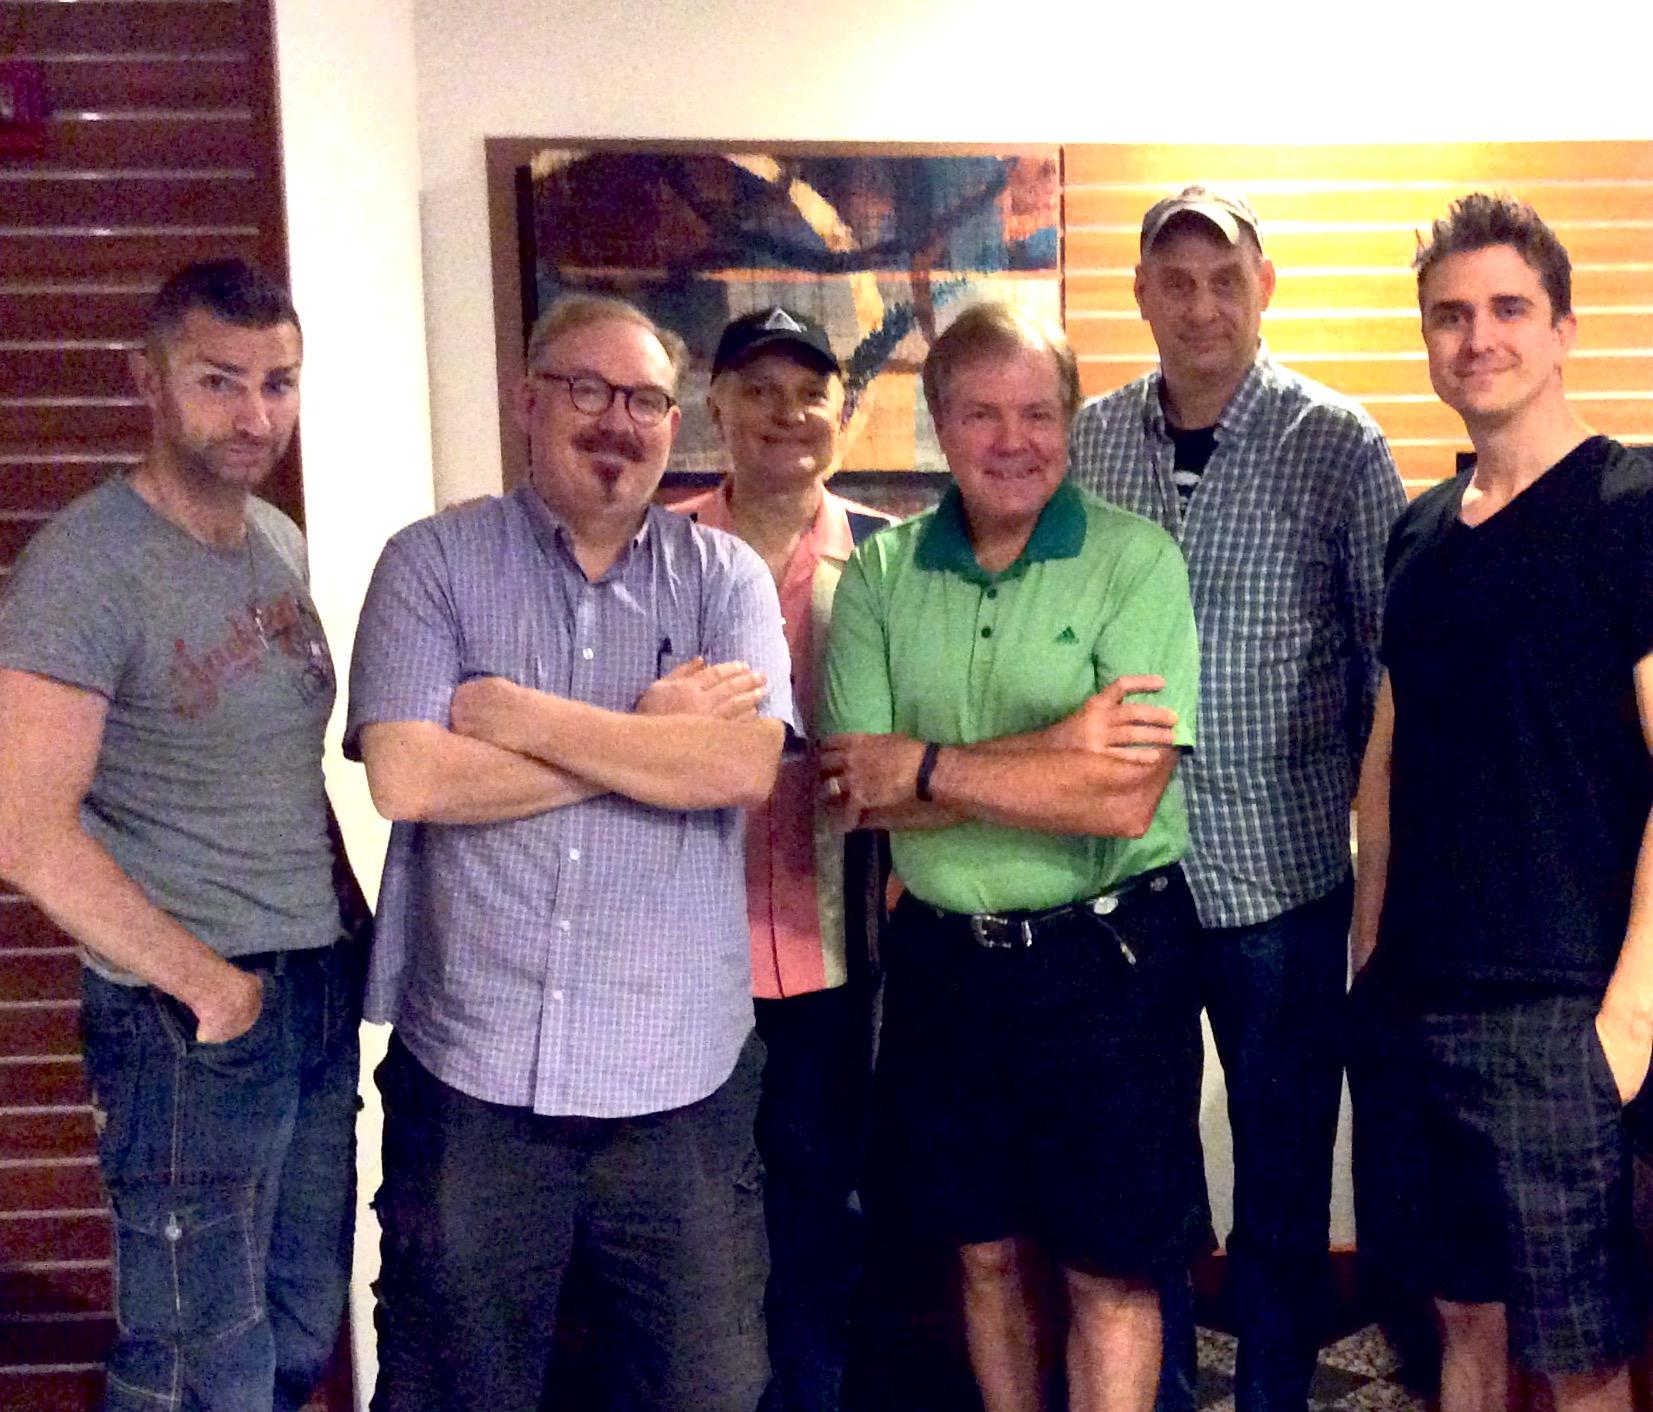 Aaron Crow, Kevin James, Jeff Hobson, Scott Wells, David Williamson and Adam Trent